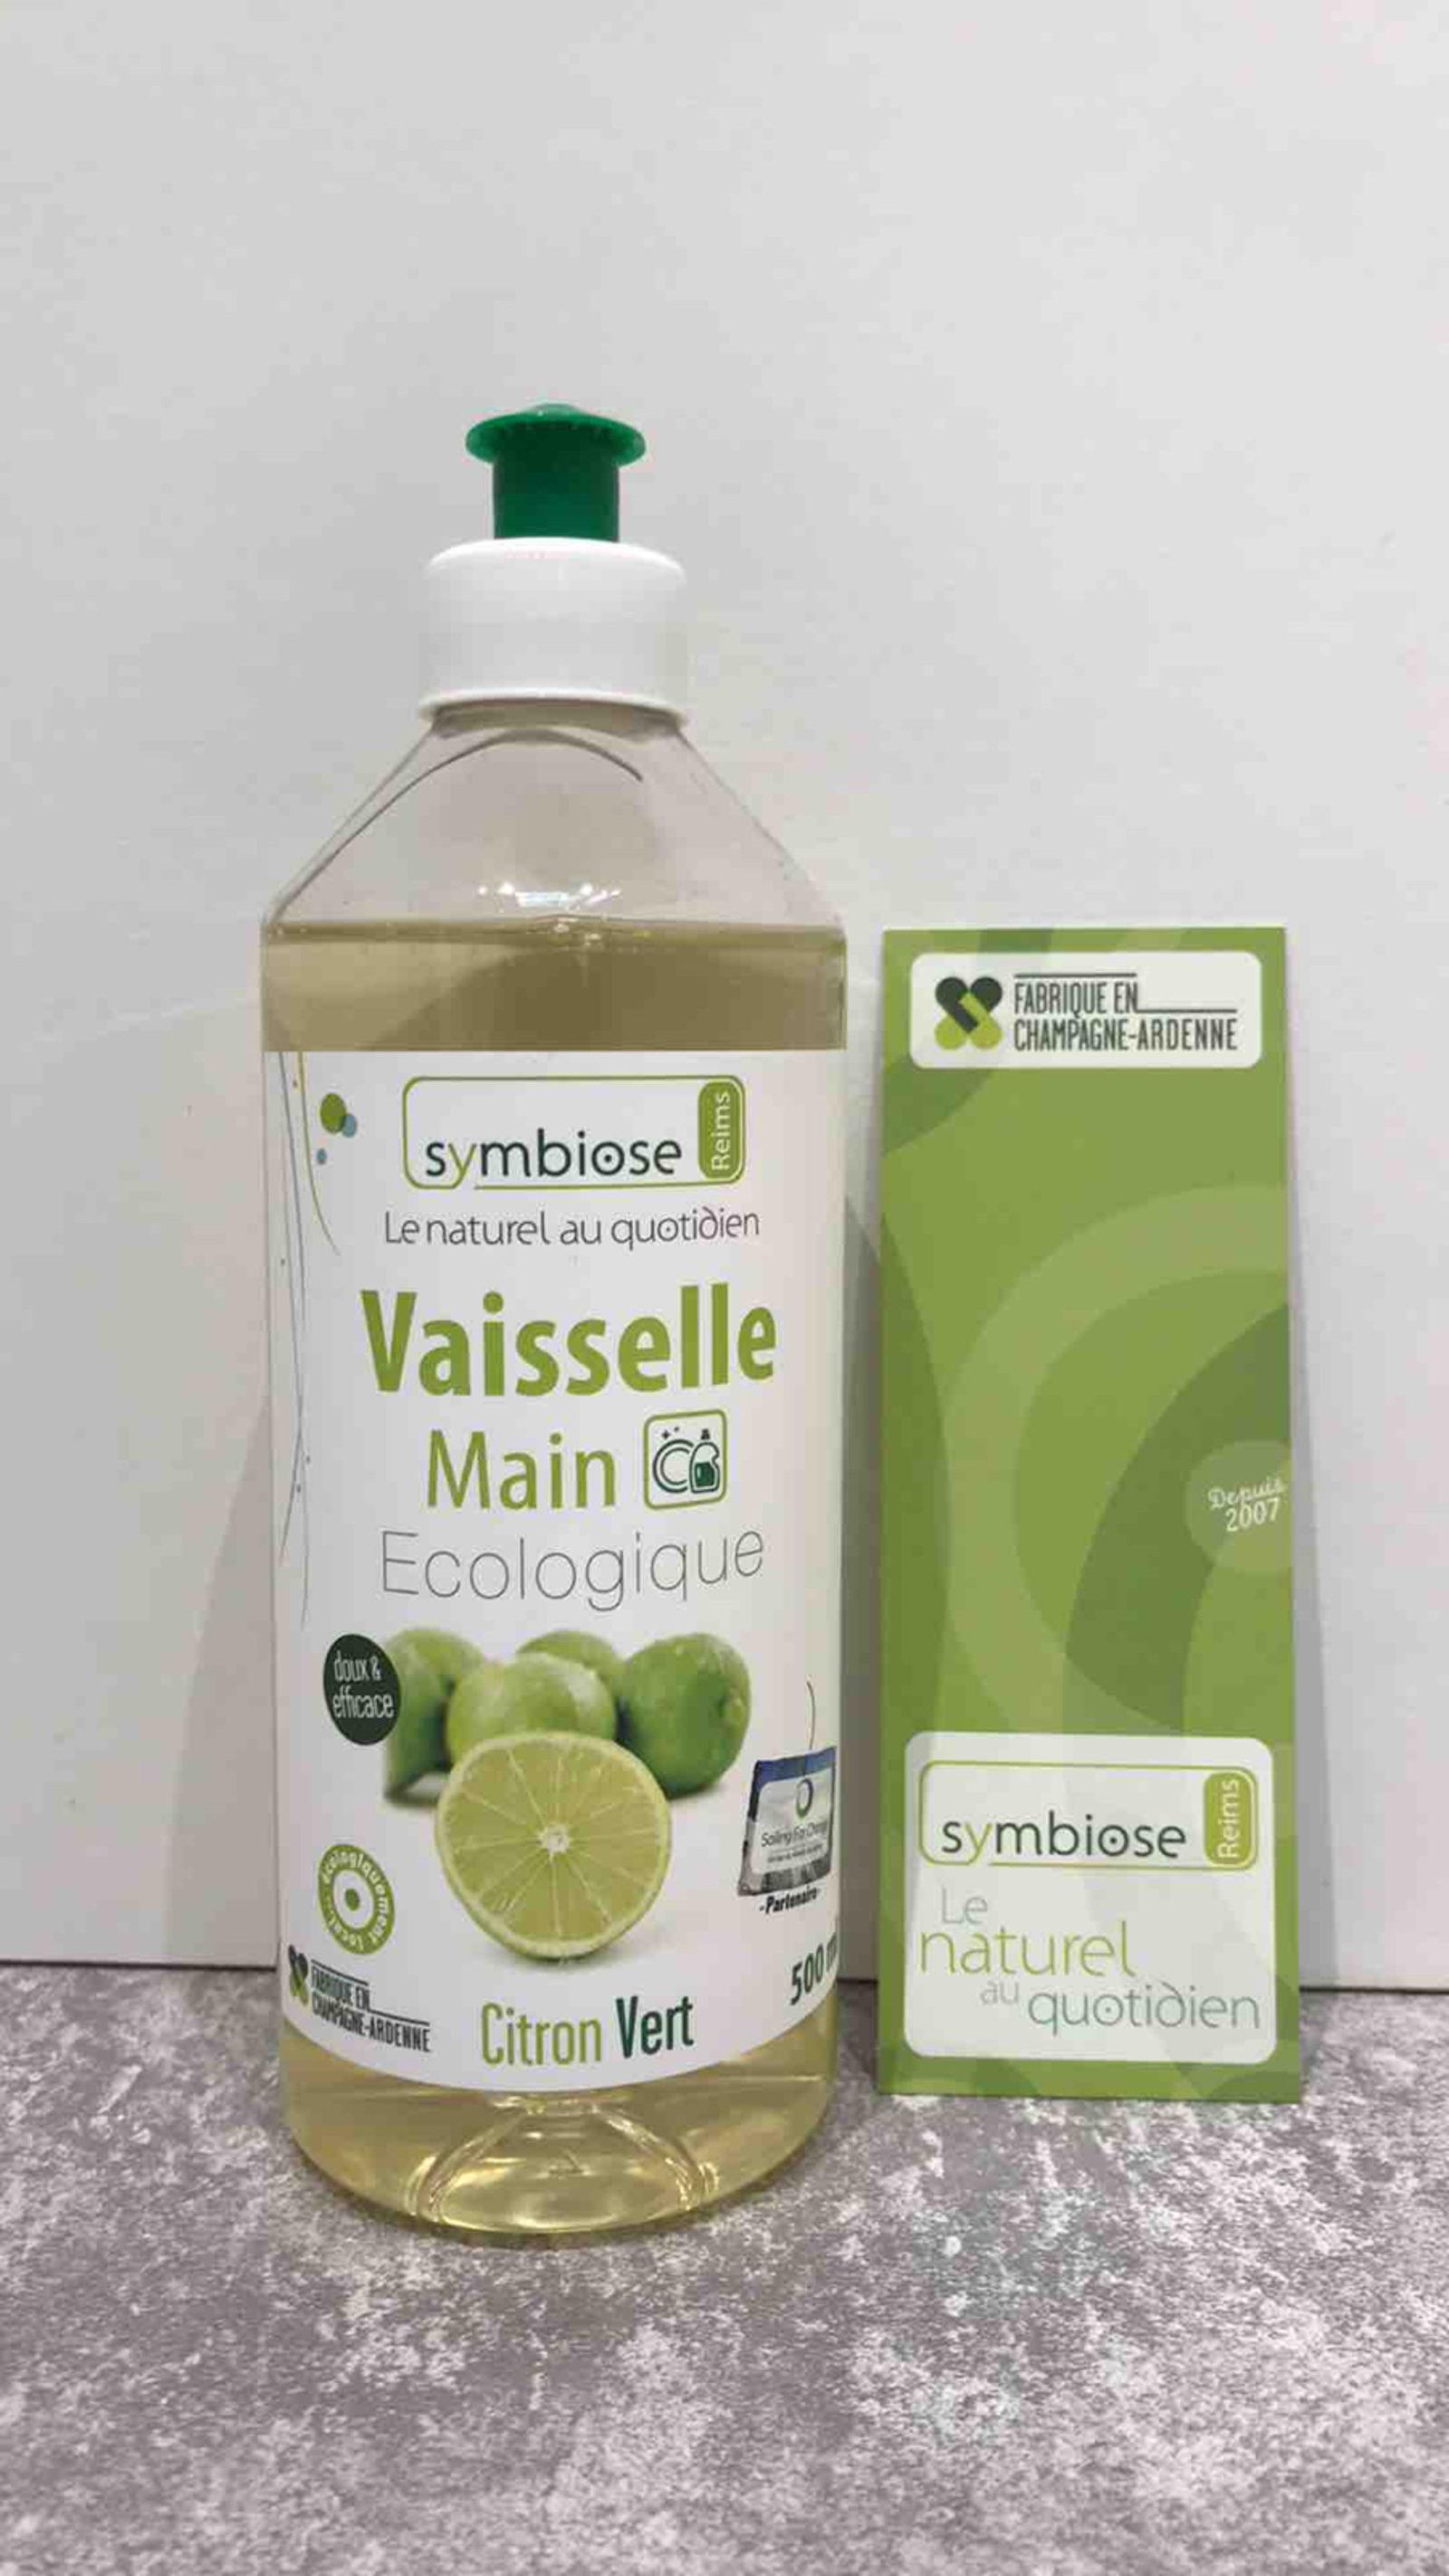 Vaisselle Main Écologique Citron Vert 500ml